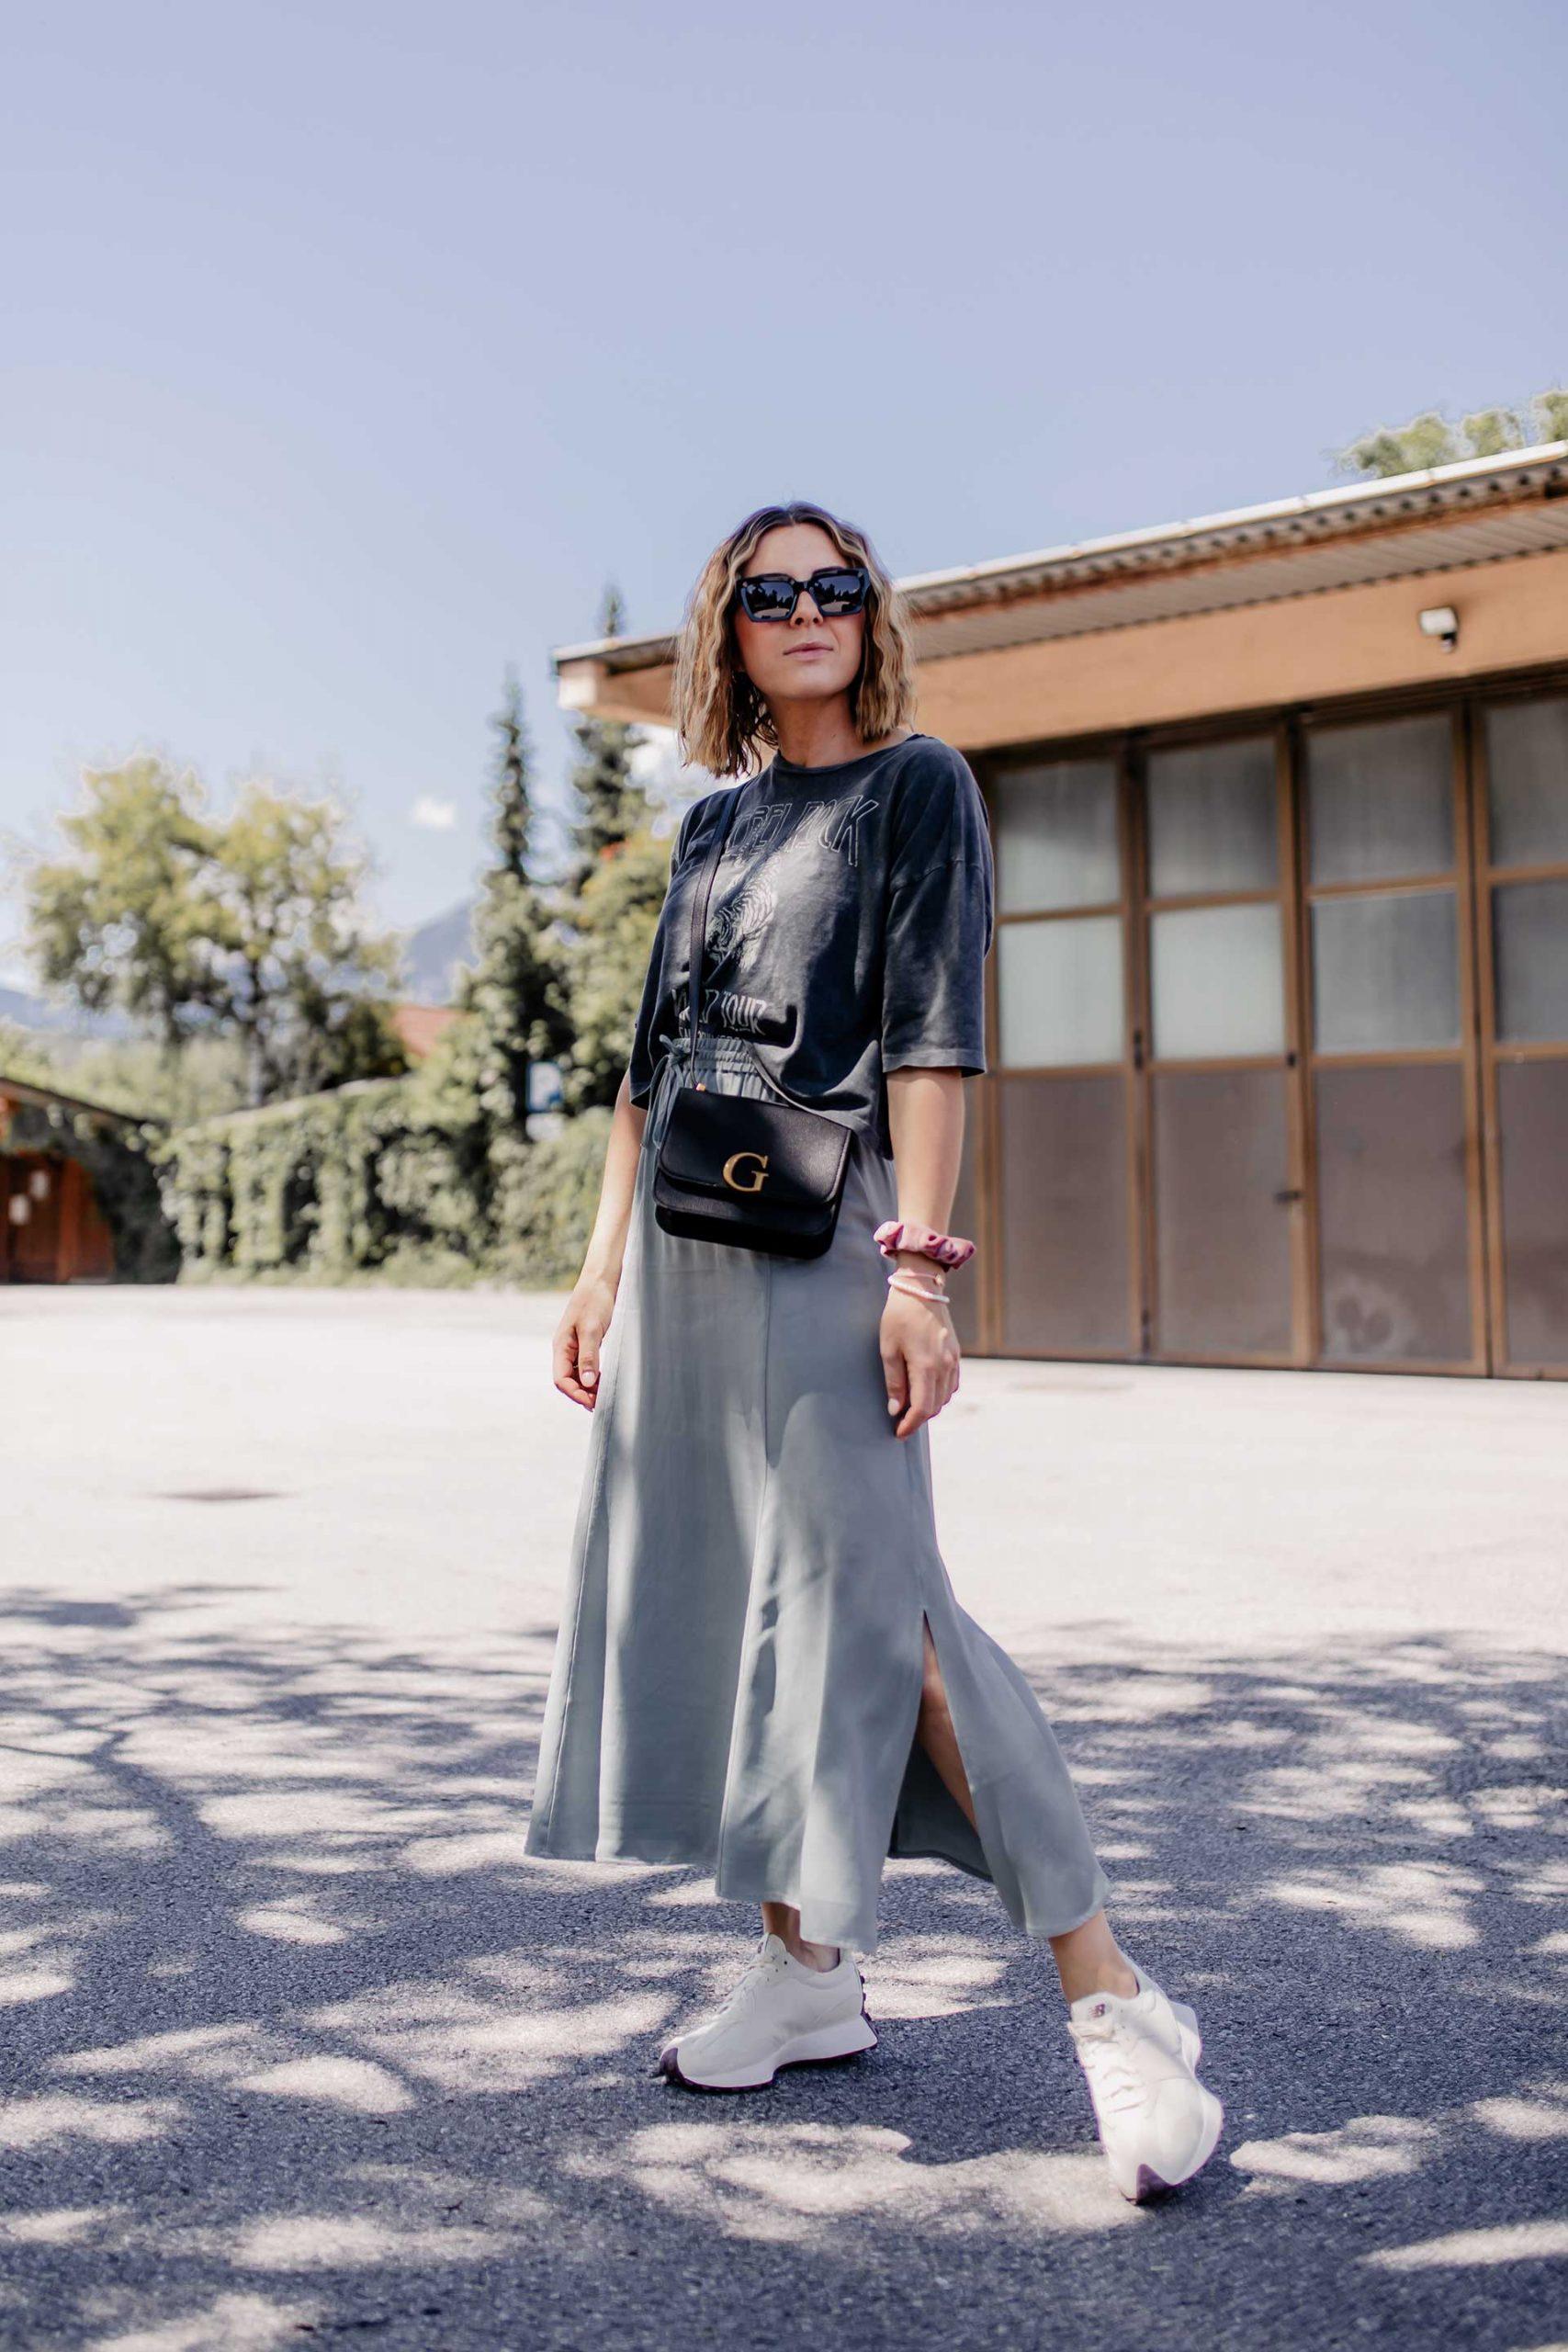 Produktplatzierung. Am Modeblog findest du jetzt ein Sommer Outfit mit Sneakers   einen tollen Tipp, wo du Marken-Kleidung günstig kaufen kannst! www.whoismocca.com